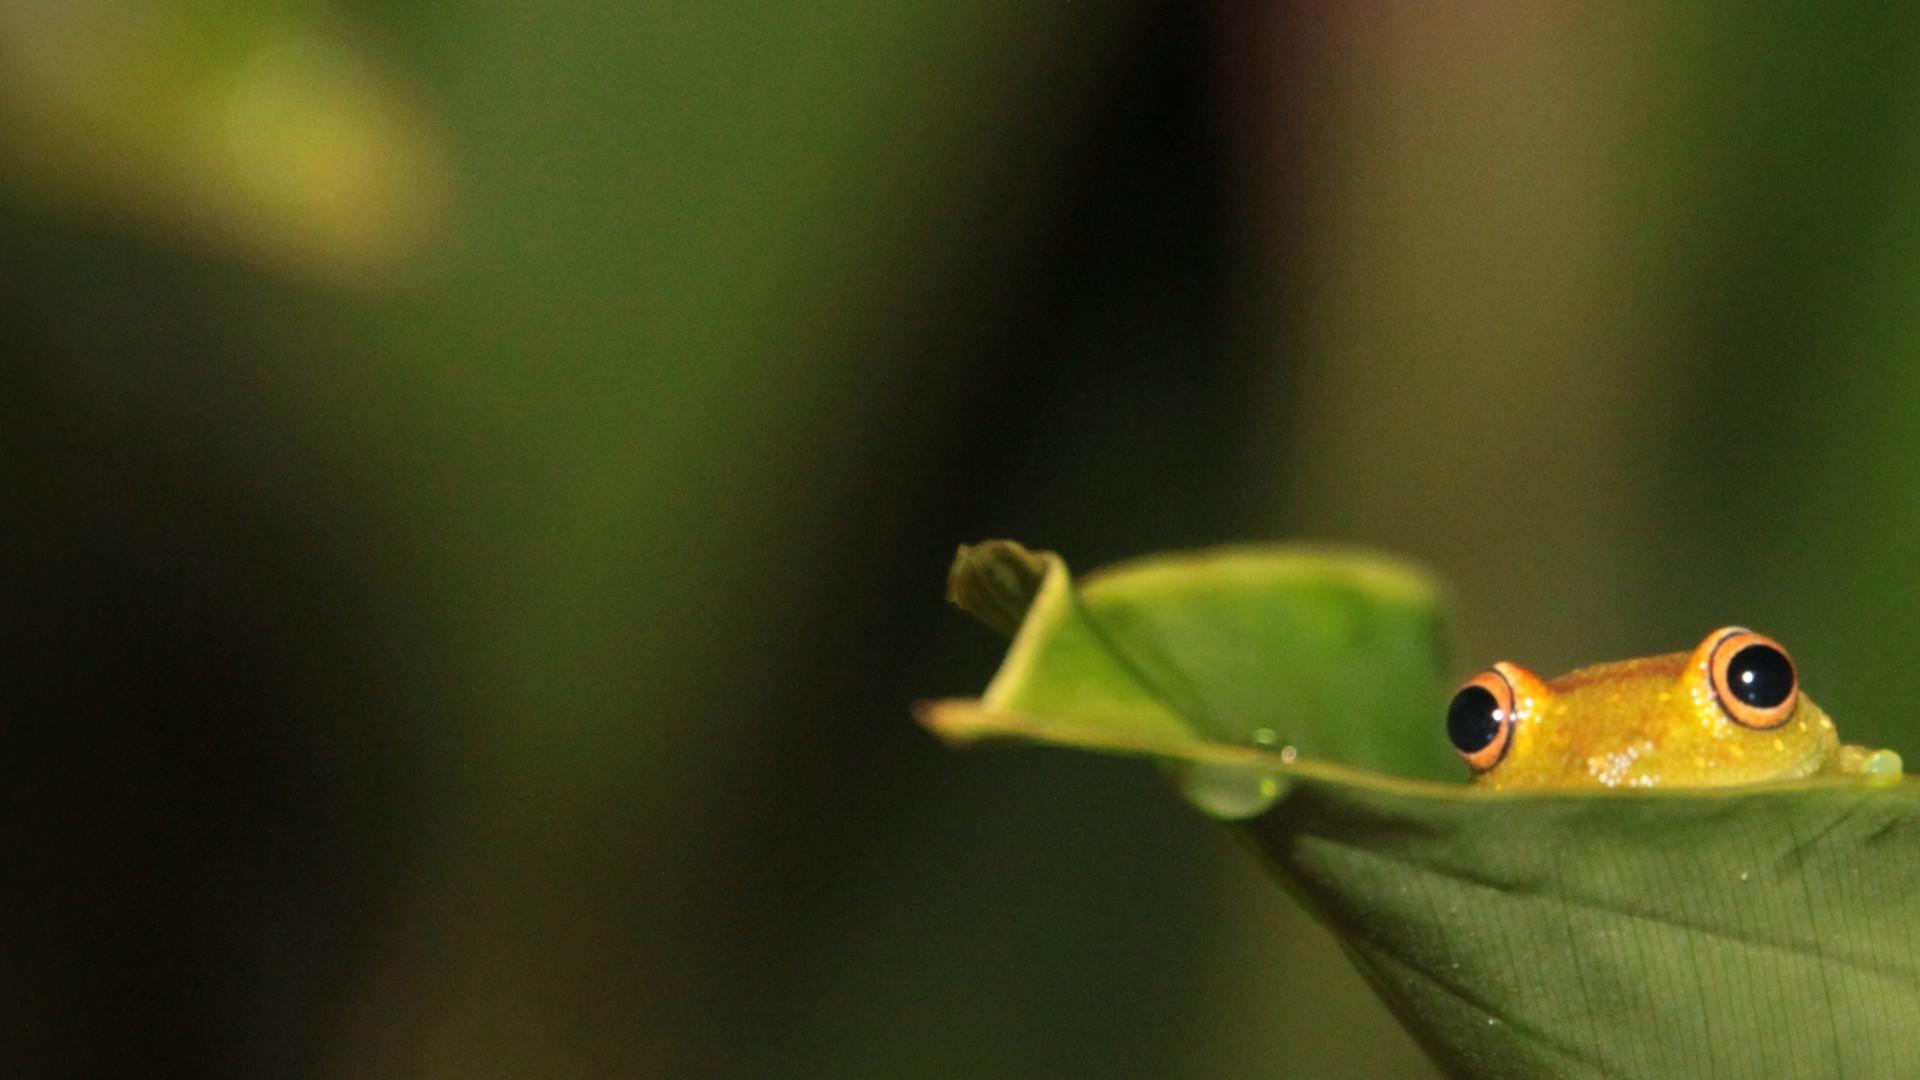 Frogs Wallpaper Cute Little Frogs Wallpaper | HD Wallpapers | Pinterest |  Wallpaper